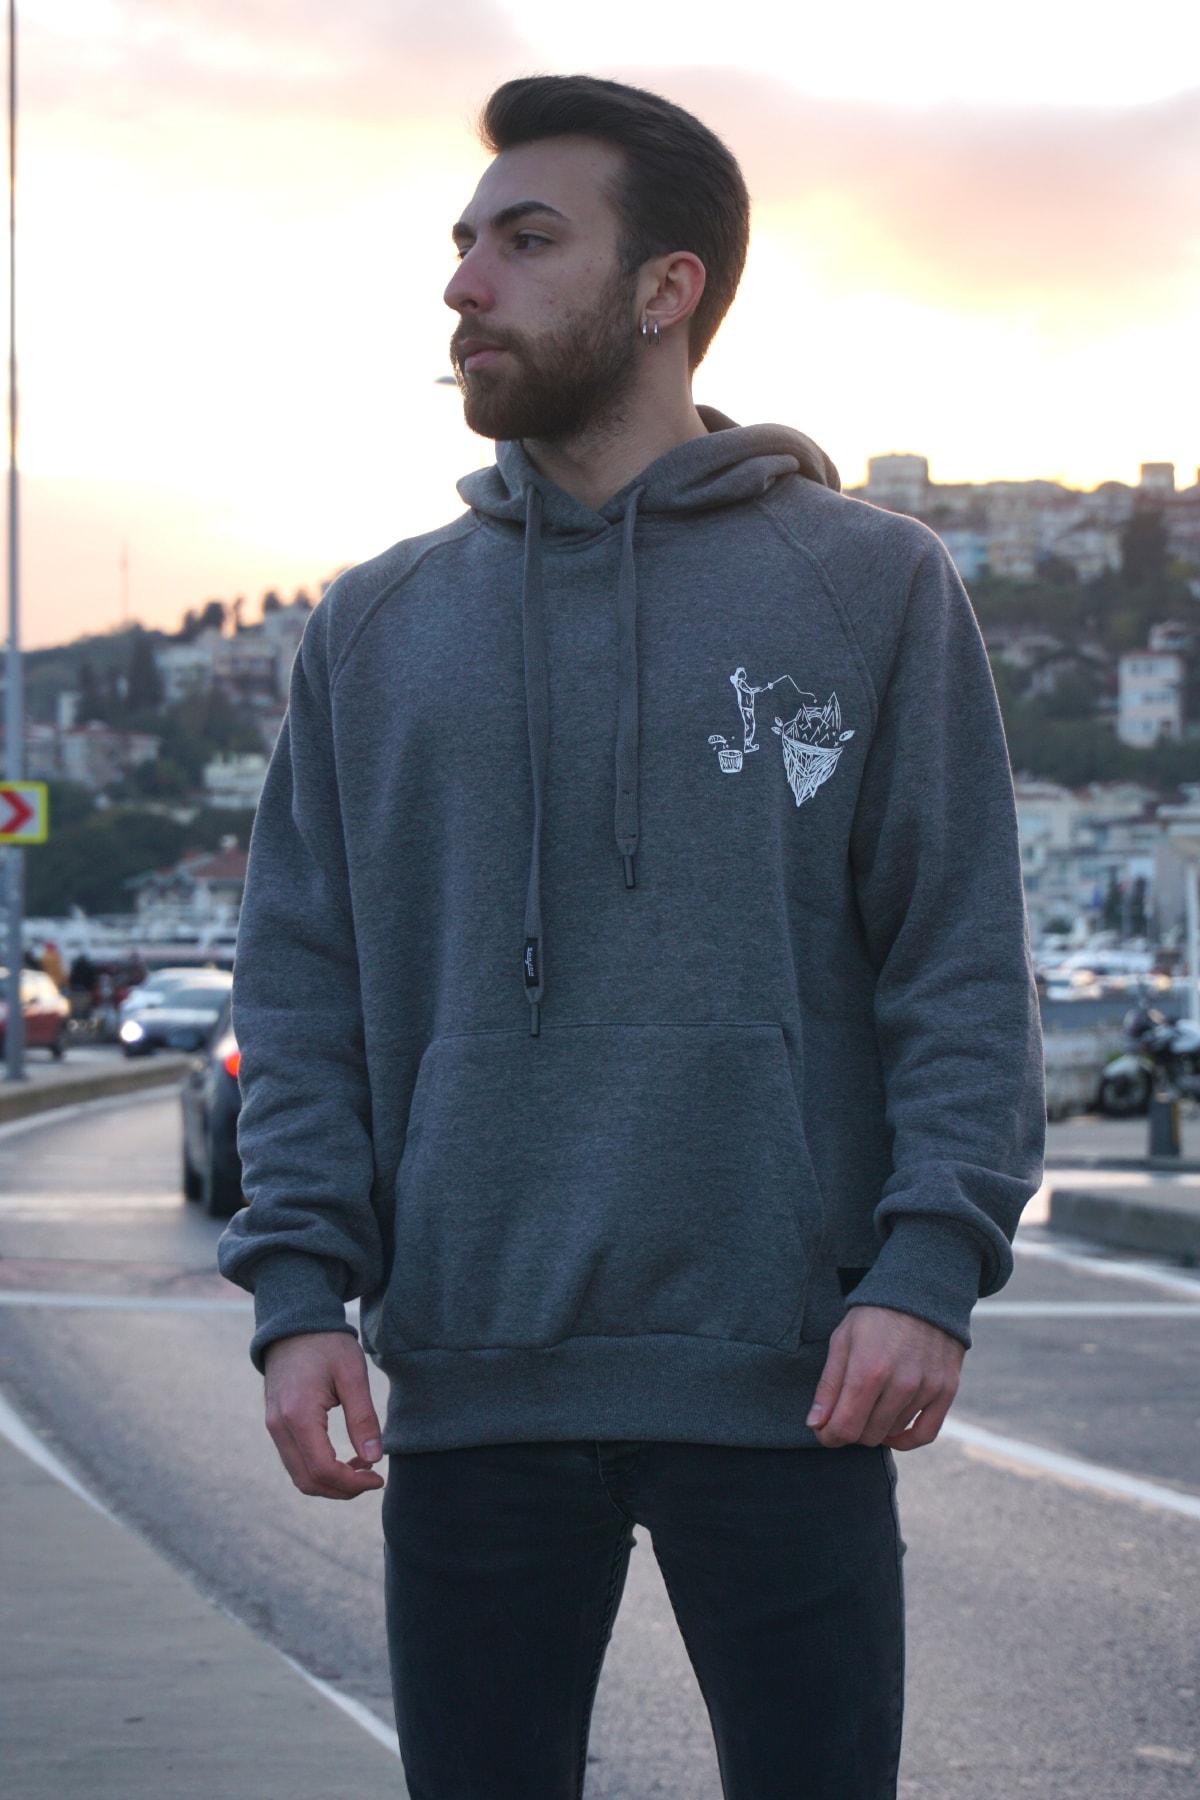 HUFROS Antrasit Renk Baskılı Kanguru Cepli Kapüşonlu Sweatshirt 1